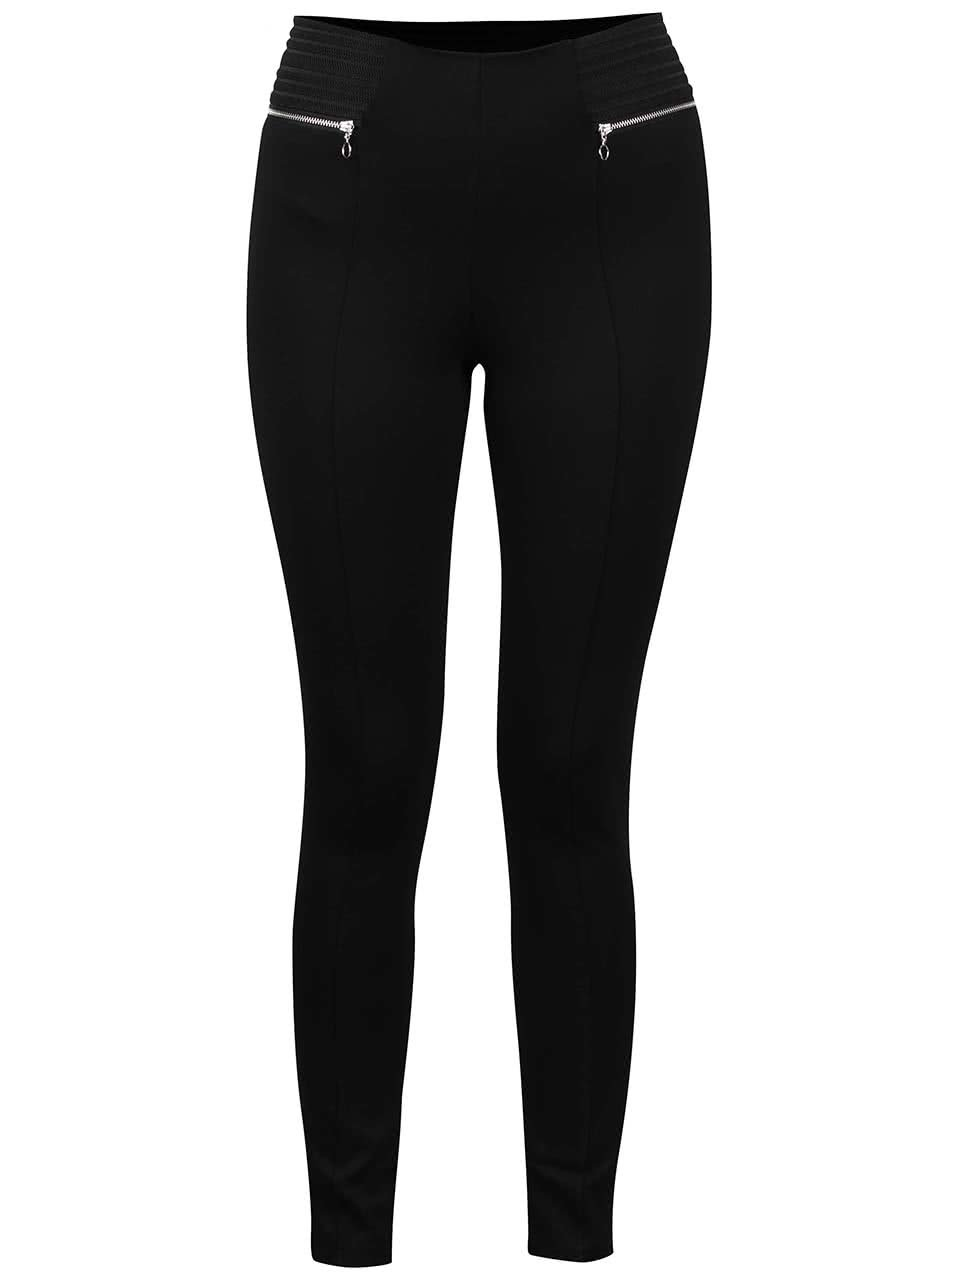 5b75245ff931 Čierne elastické skinny nohavice s ozdobnými zipsami Dorothy Perkins ...